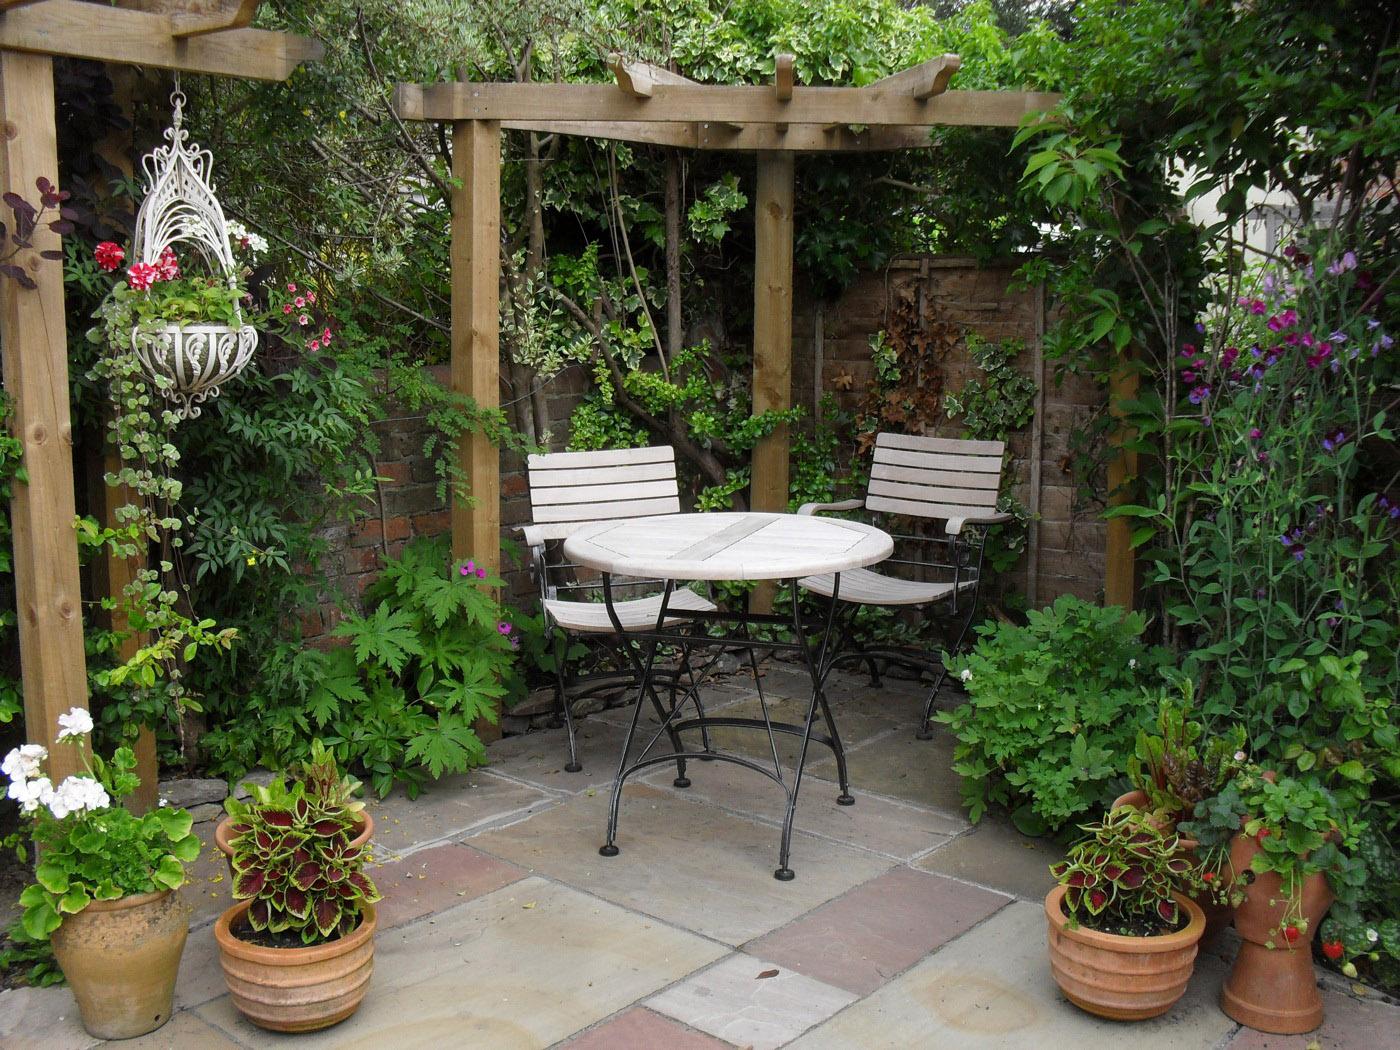 Small Courtyard Garden Design And Decor Ideas